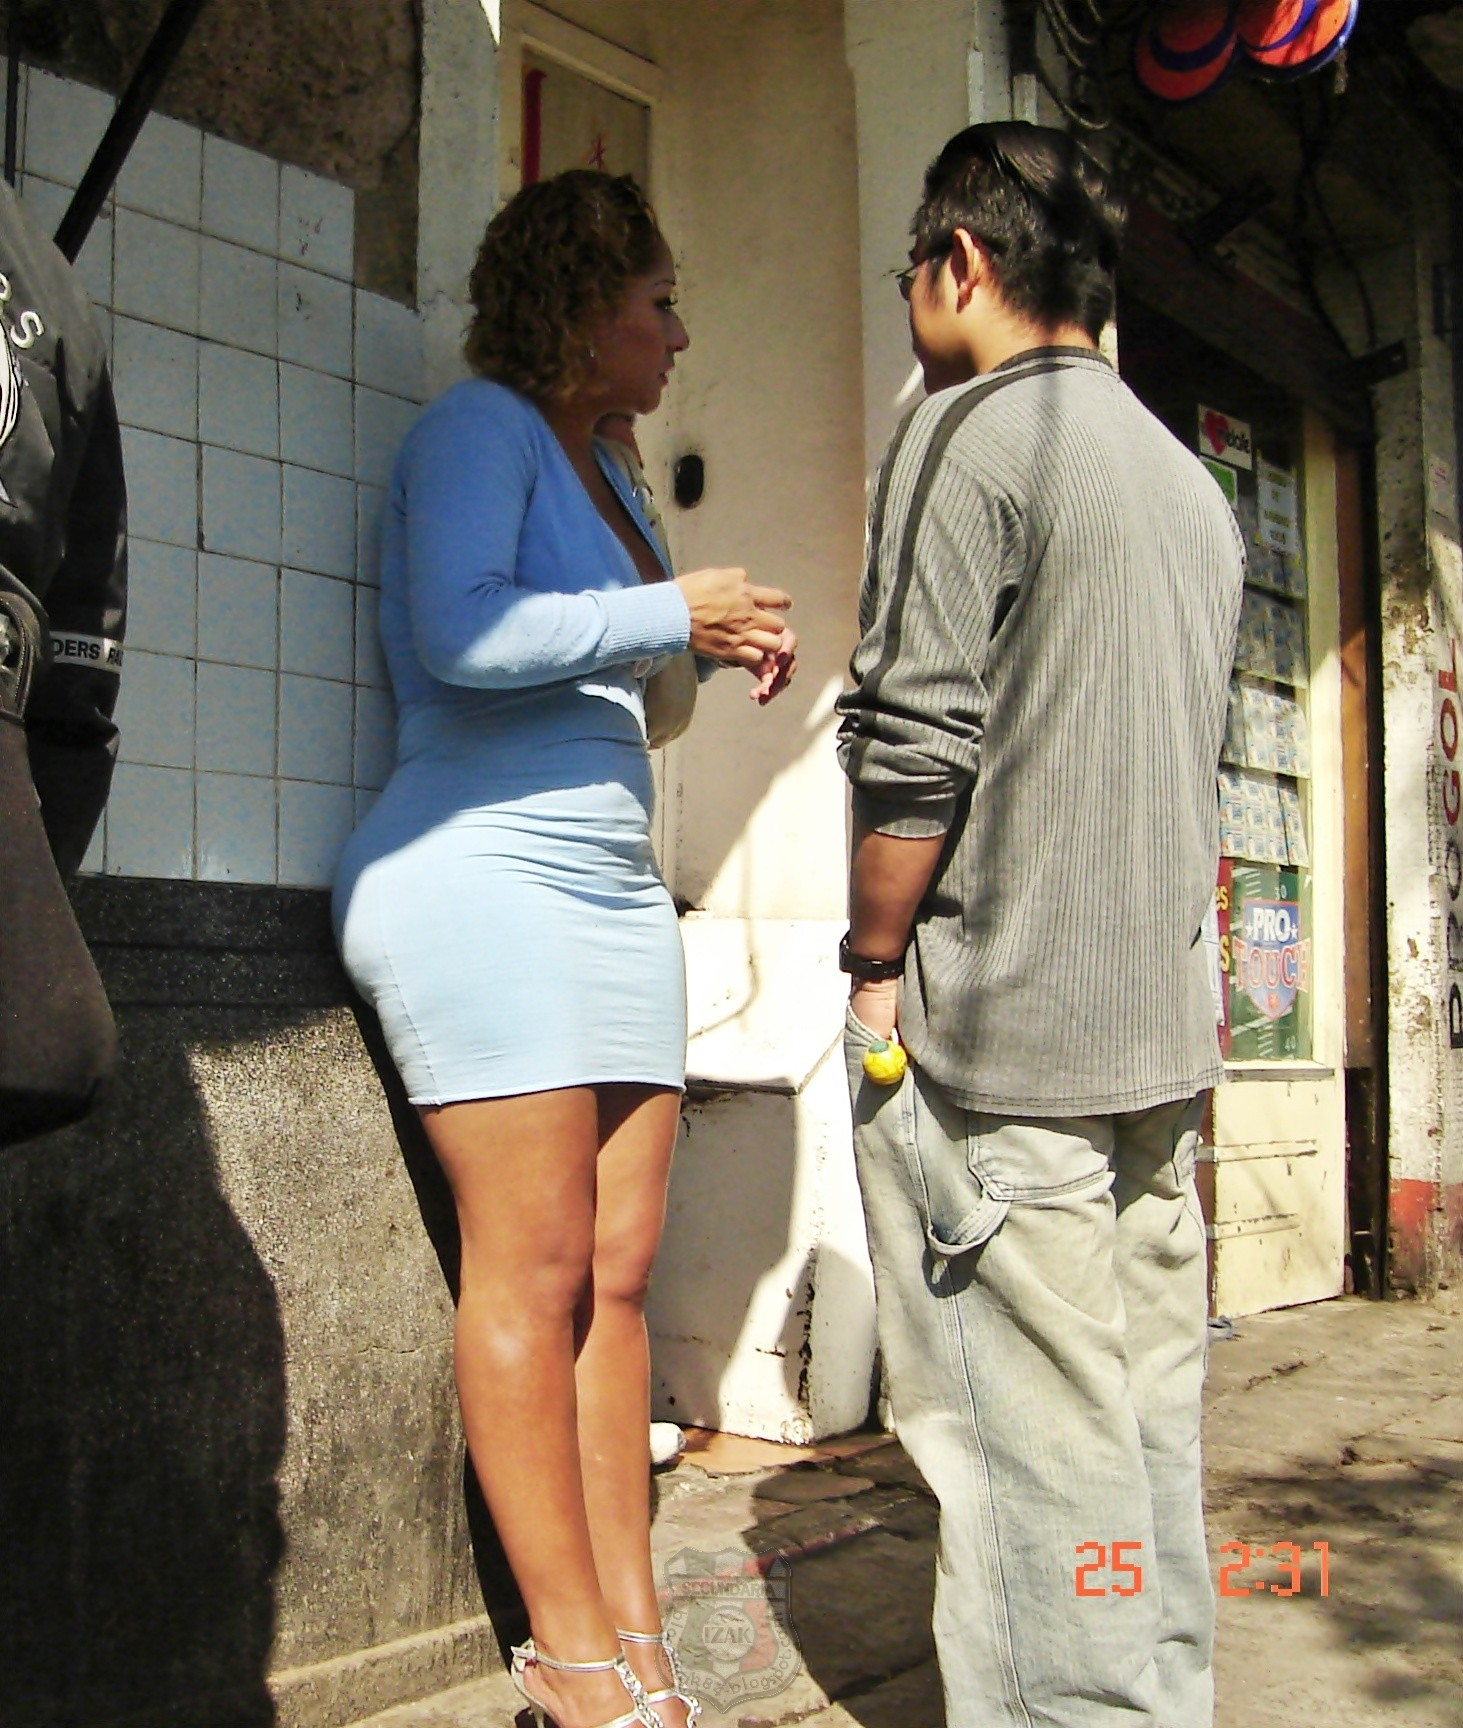 prostitutas callejeras barcelona prostitutas asturianas